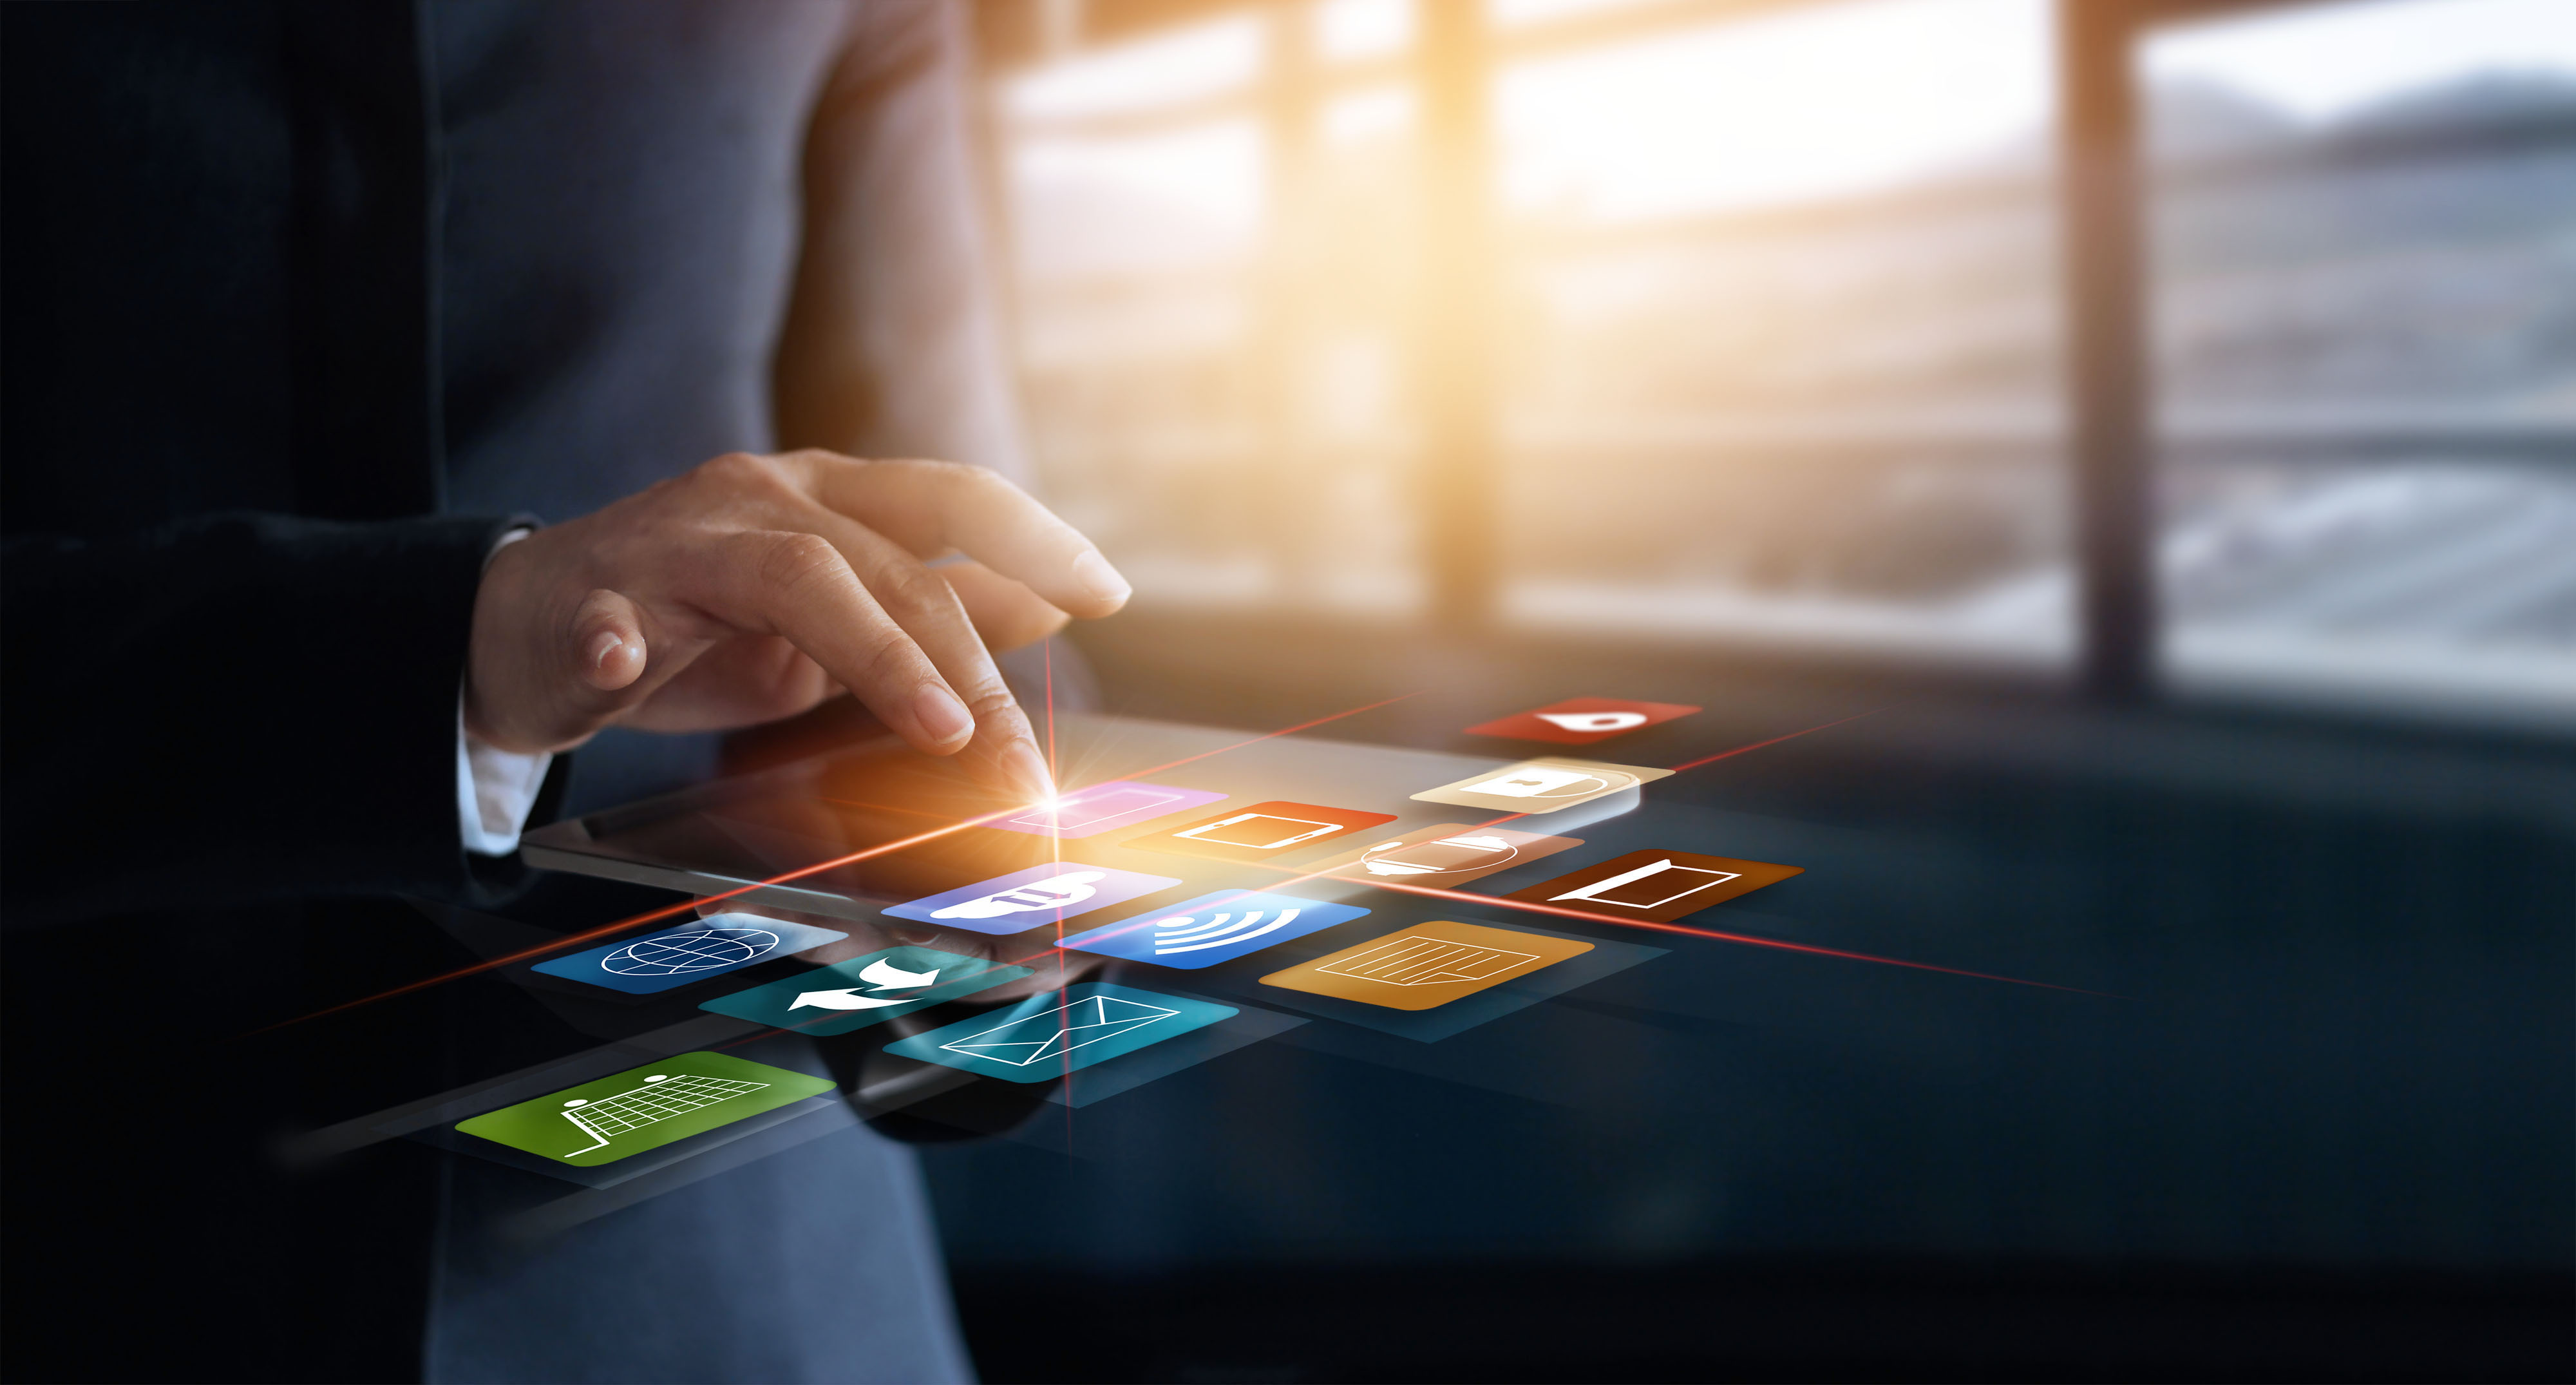 Parteneriat Tremend – certSIGN pentru accelerarea interacțiunii digitale cu clienții